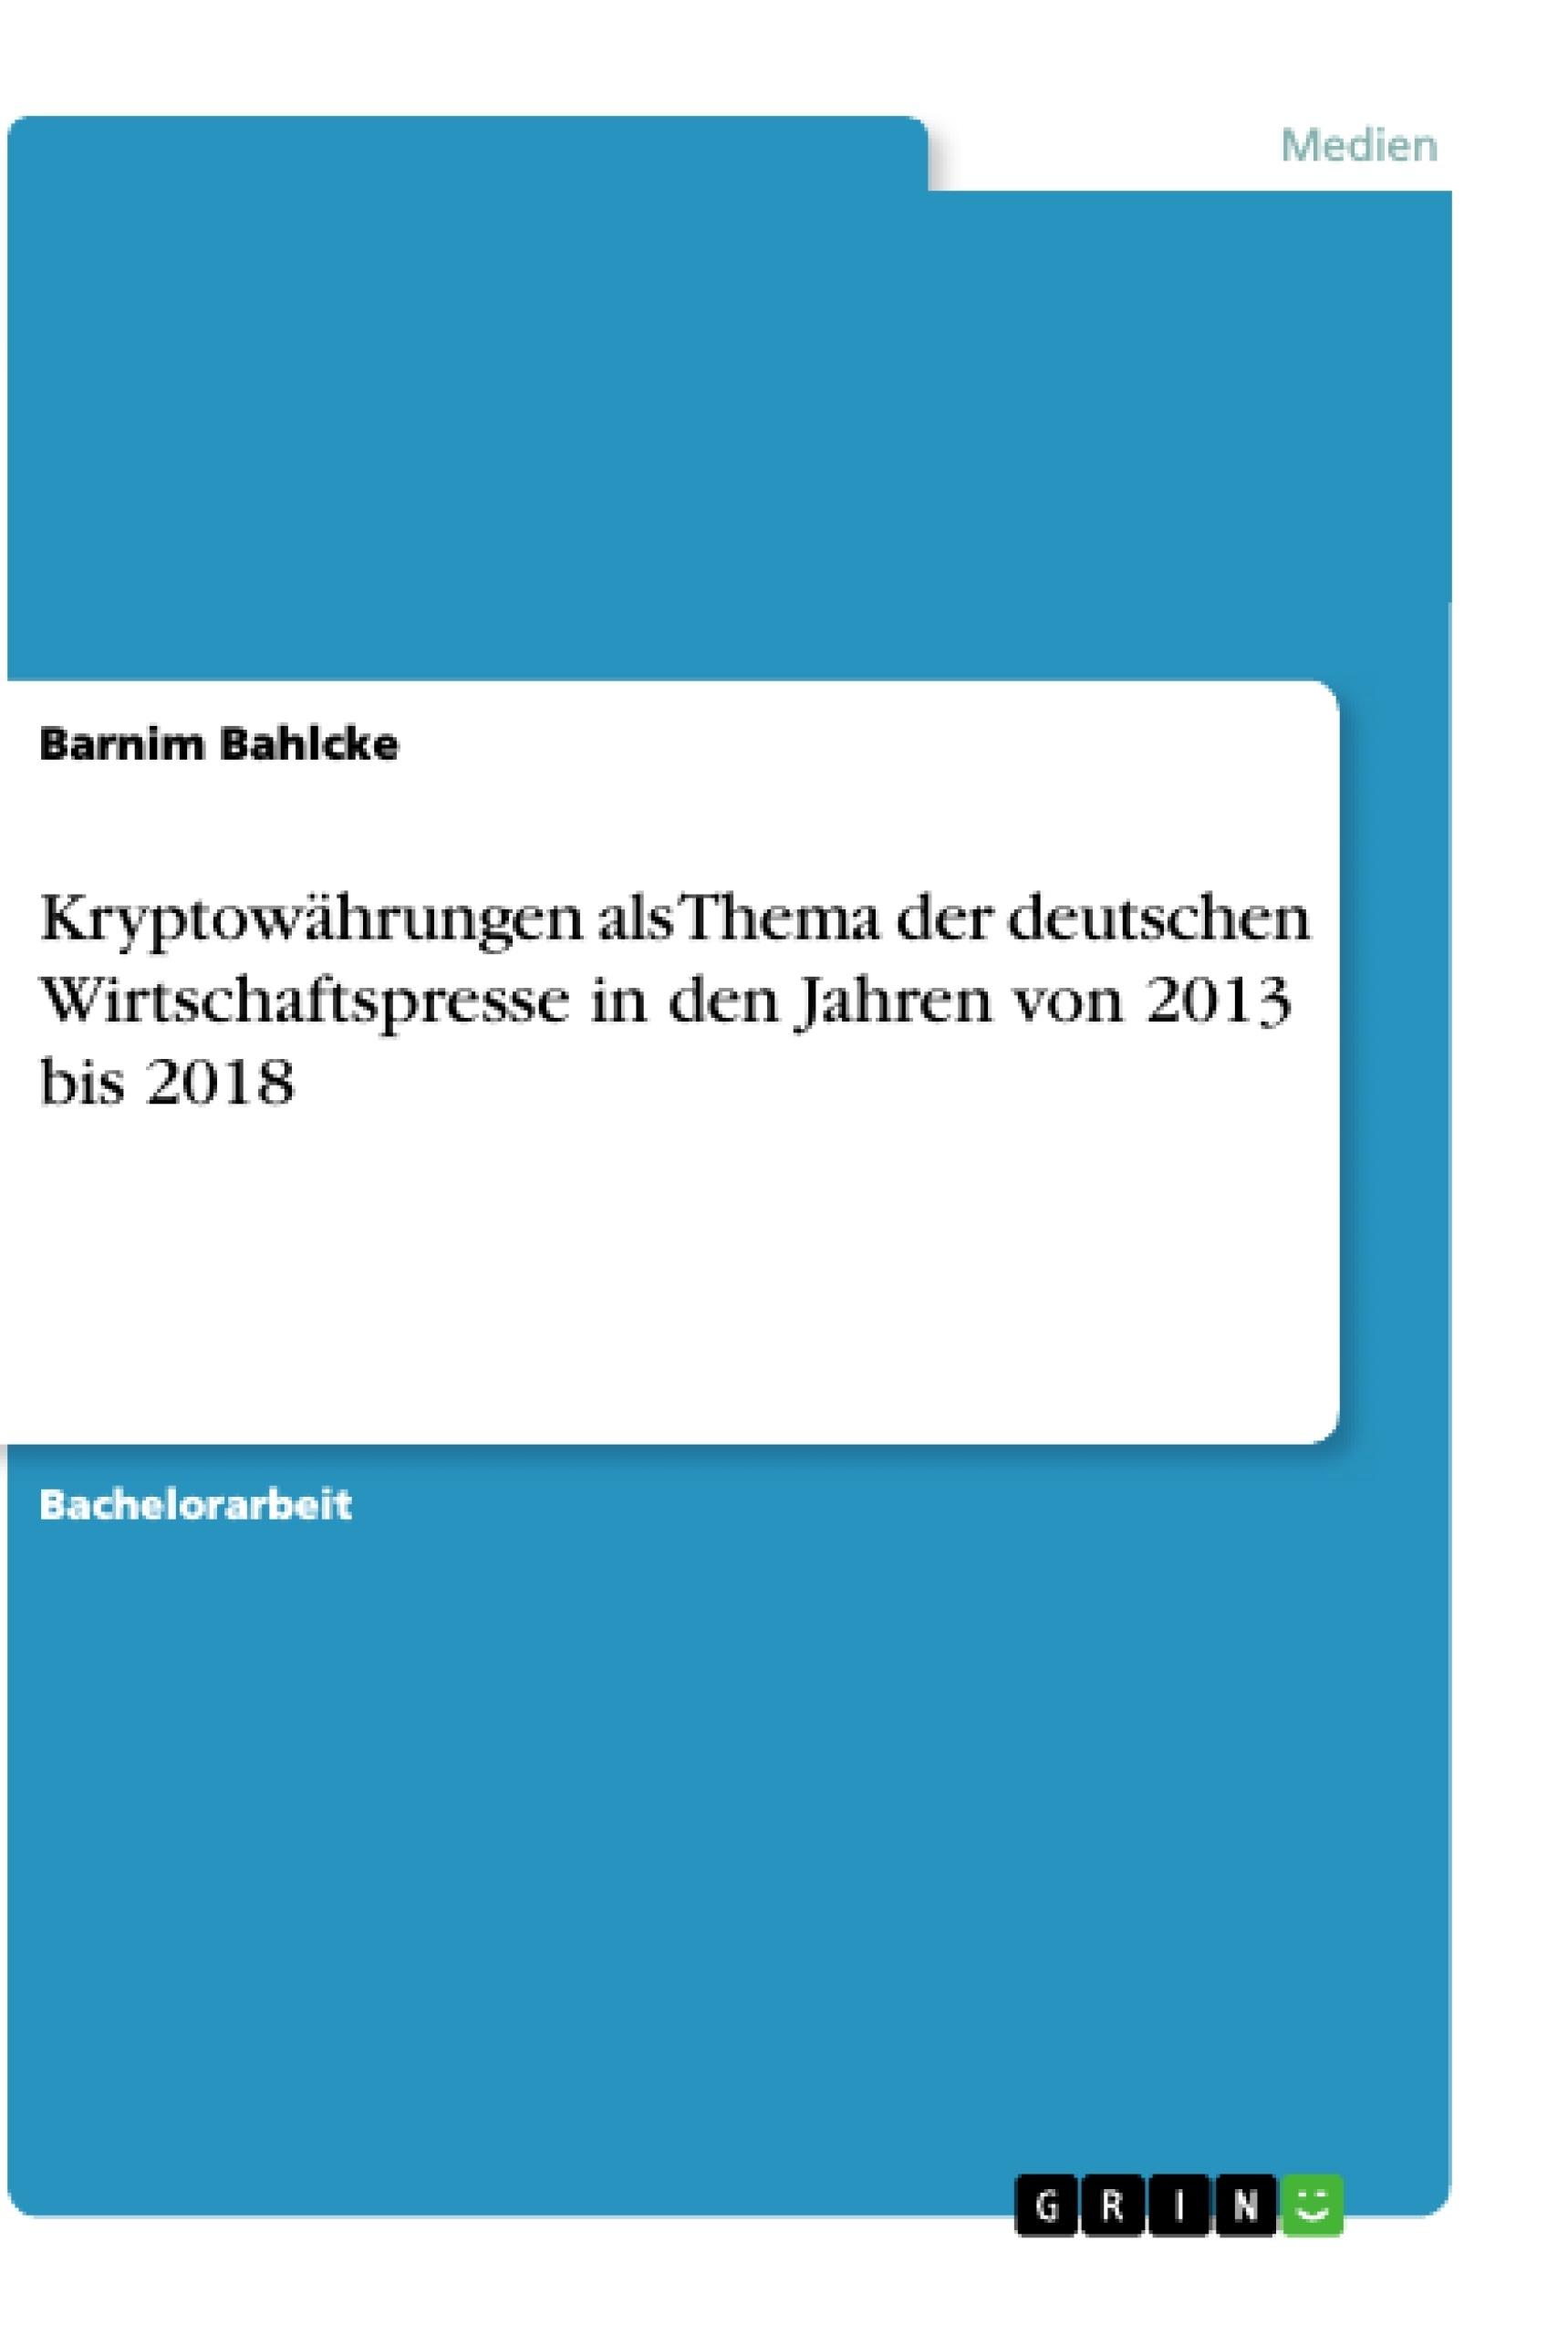 Titel: Kryptowährungen als Thema der deutschen Wirtschaftspresse in den Jahren von 2013 bis 2018